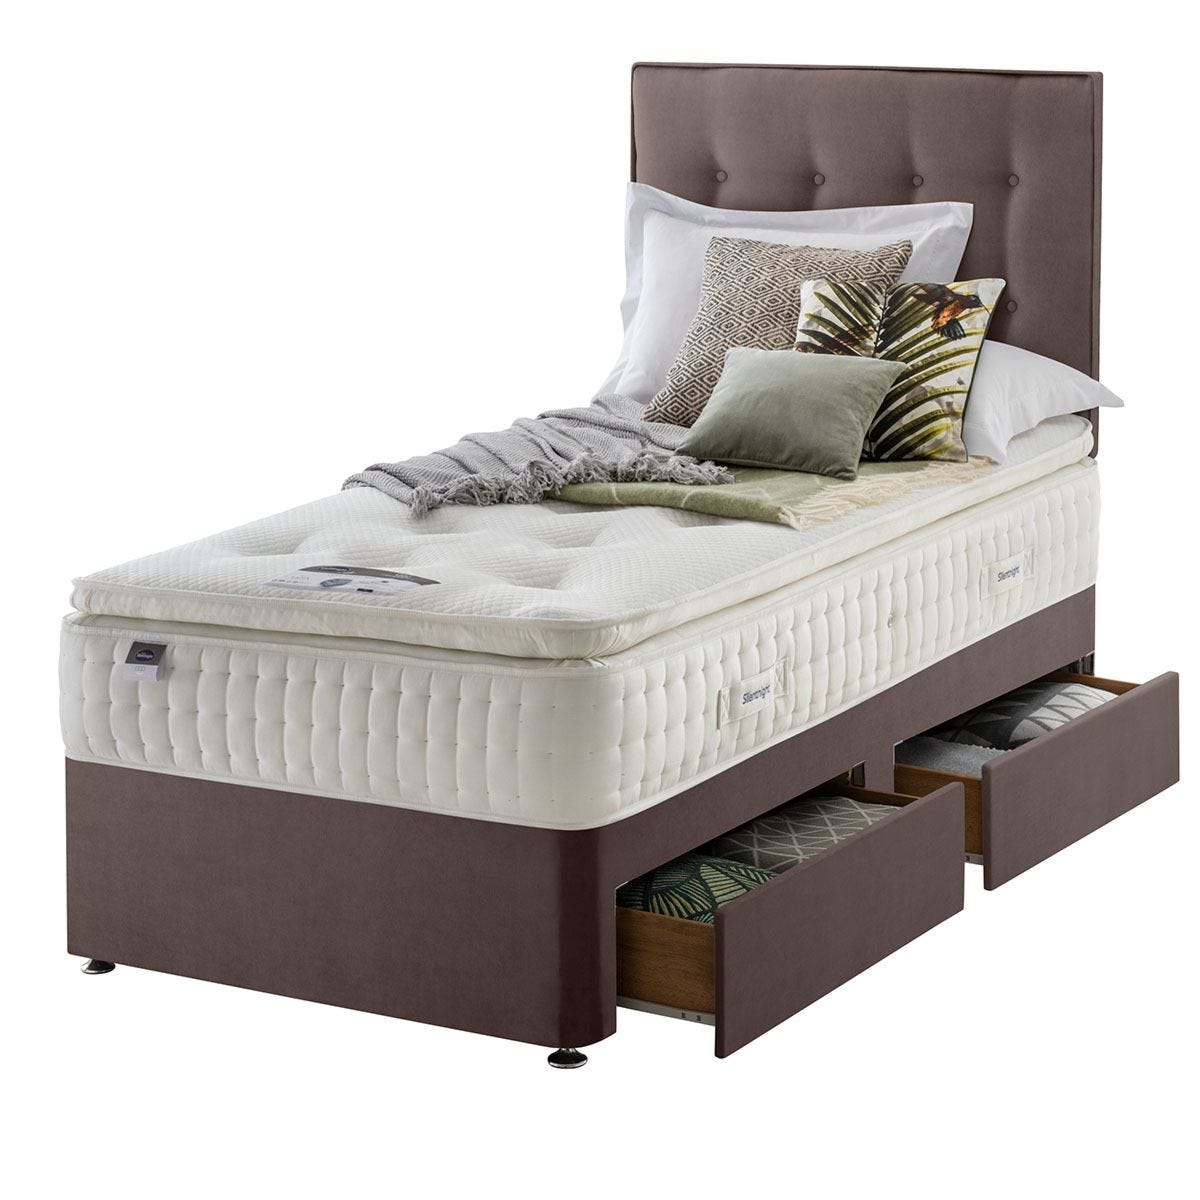 Silentnight Mirapocket Latex 1400 2-Drawer Divan Bed - Velvet Mink Single